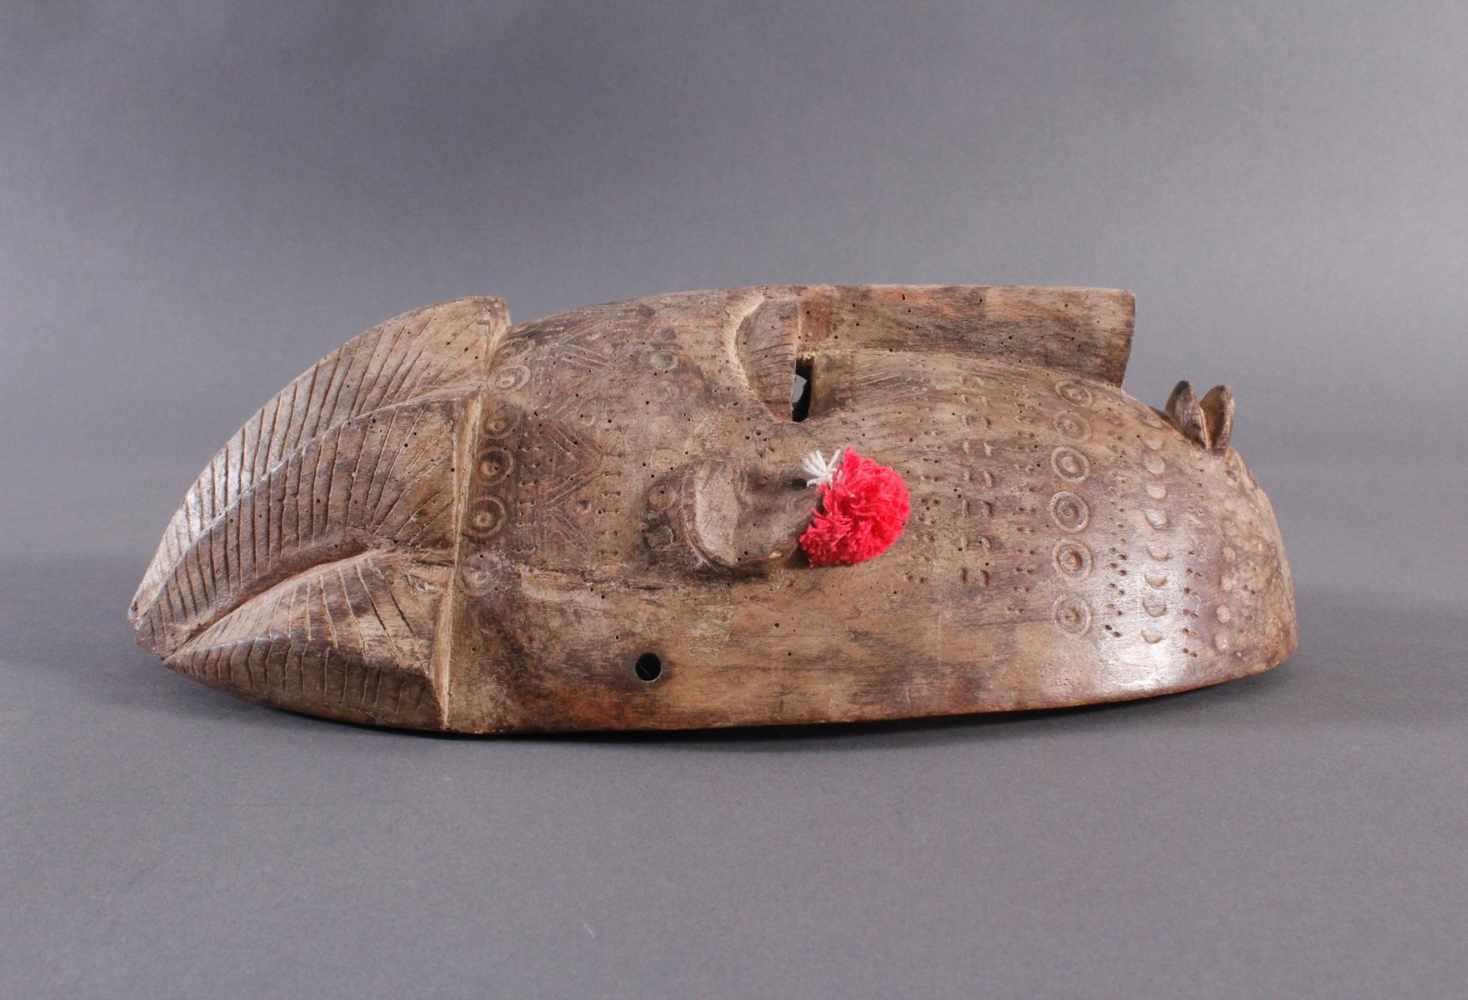 Antike Maske, Bambara, Mali 1. Hälfte 20. Jh.Holz geschnitzt, Musterritzungen, kleine Quasten als - Bild 2 aus 5